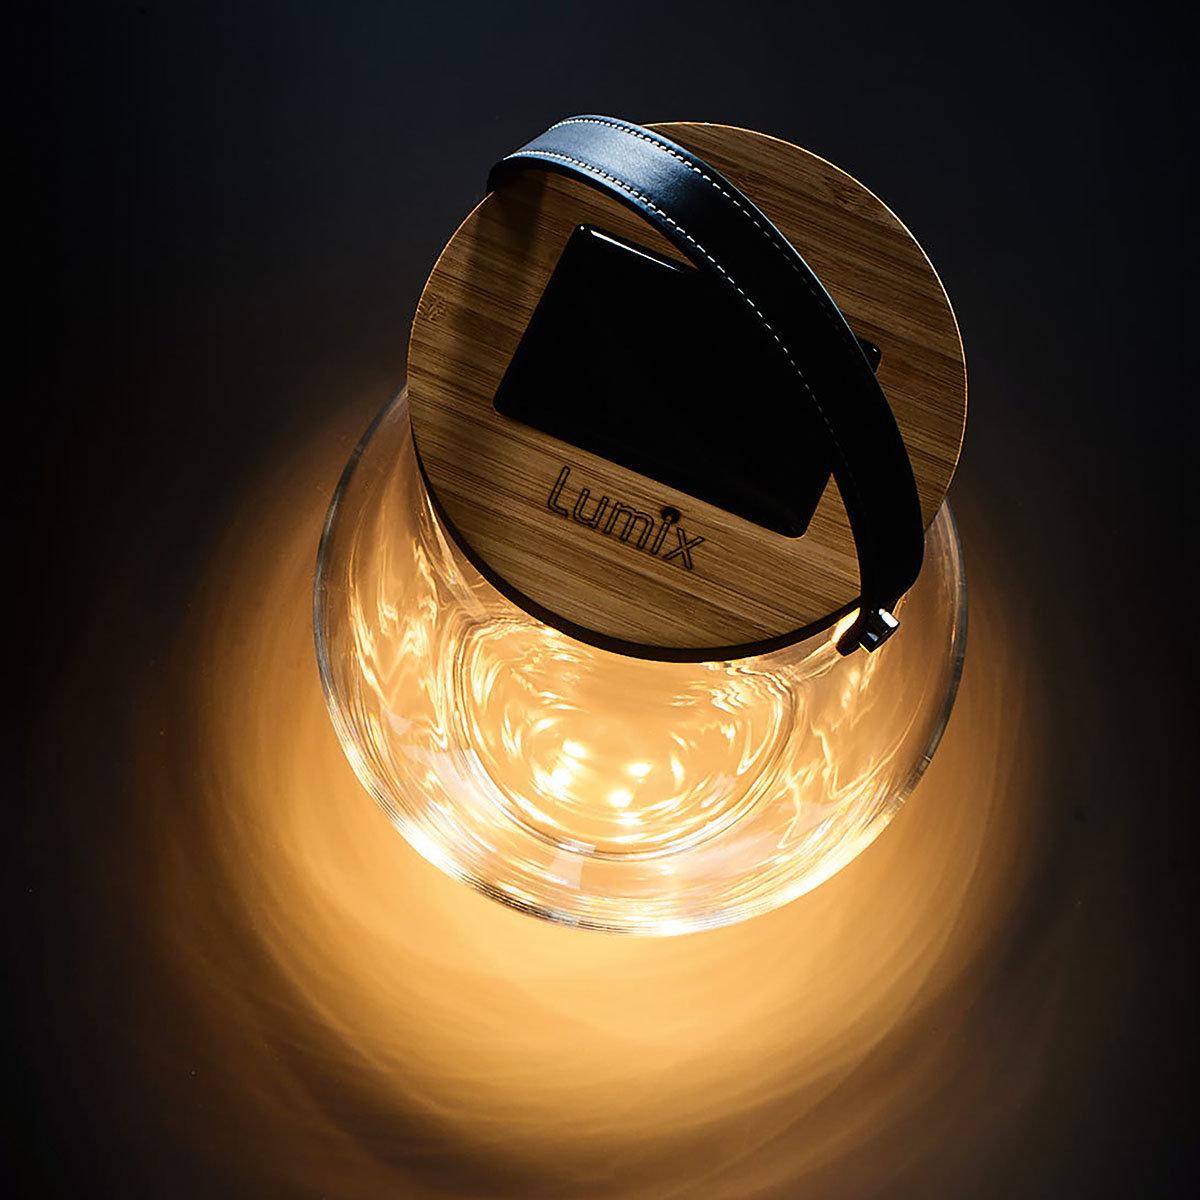 Deko Glas Bold, 31 cm, Glas, Bambus, klar | #3